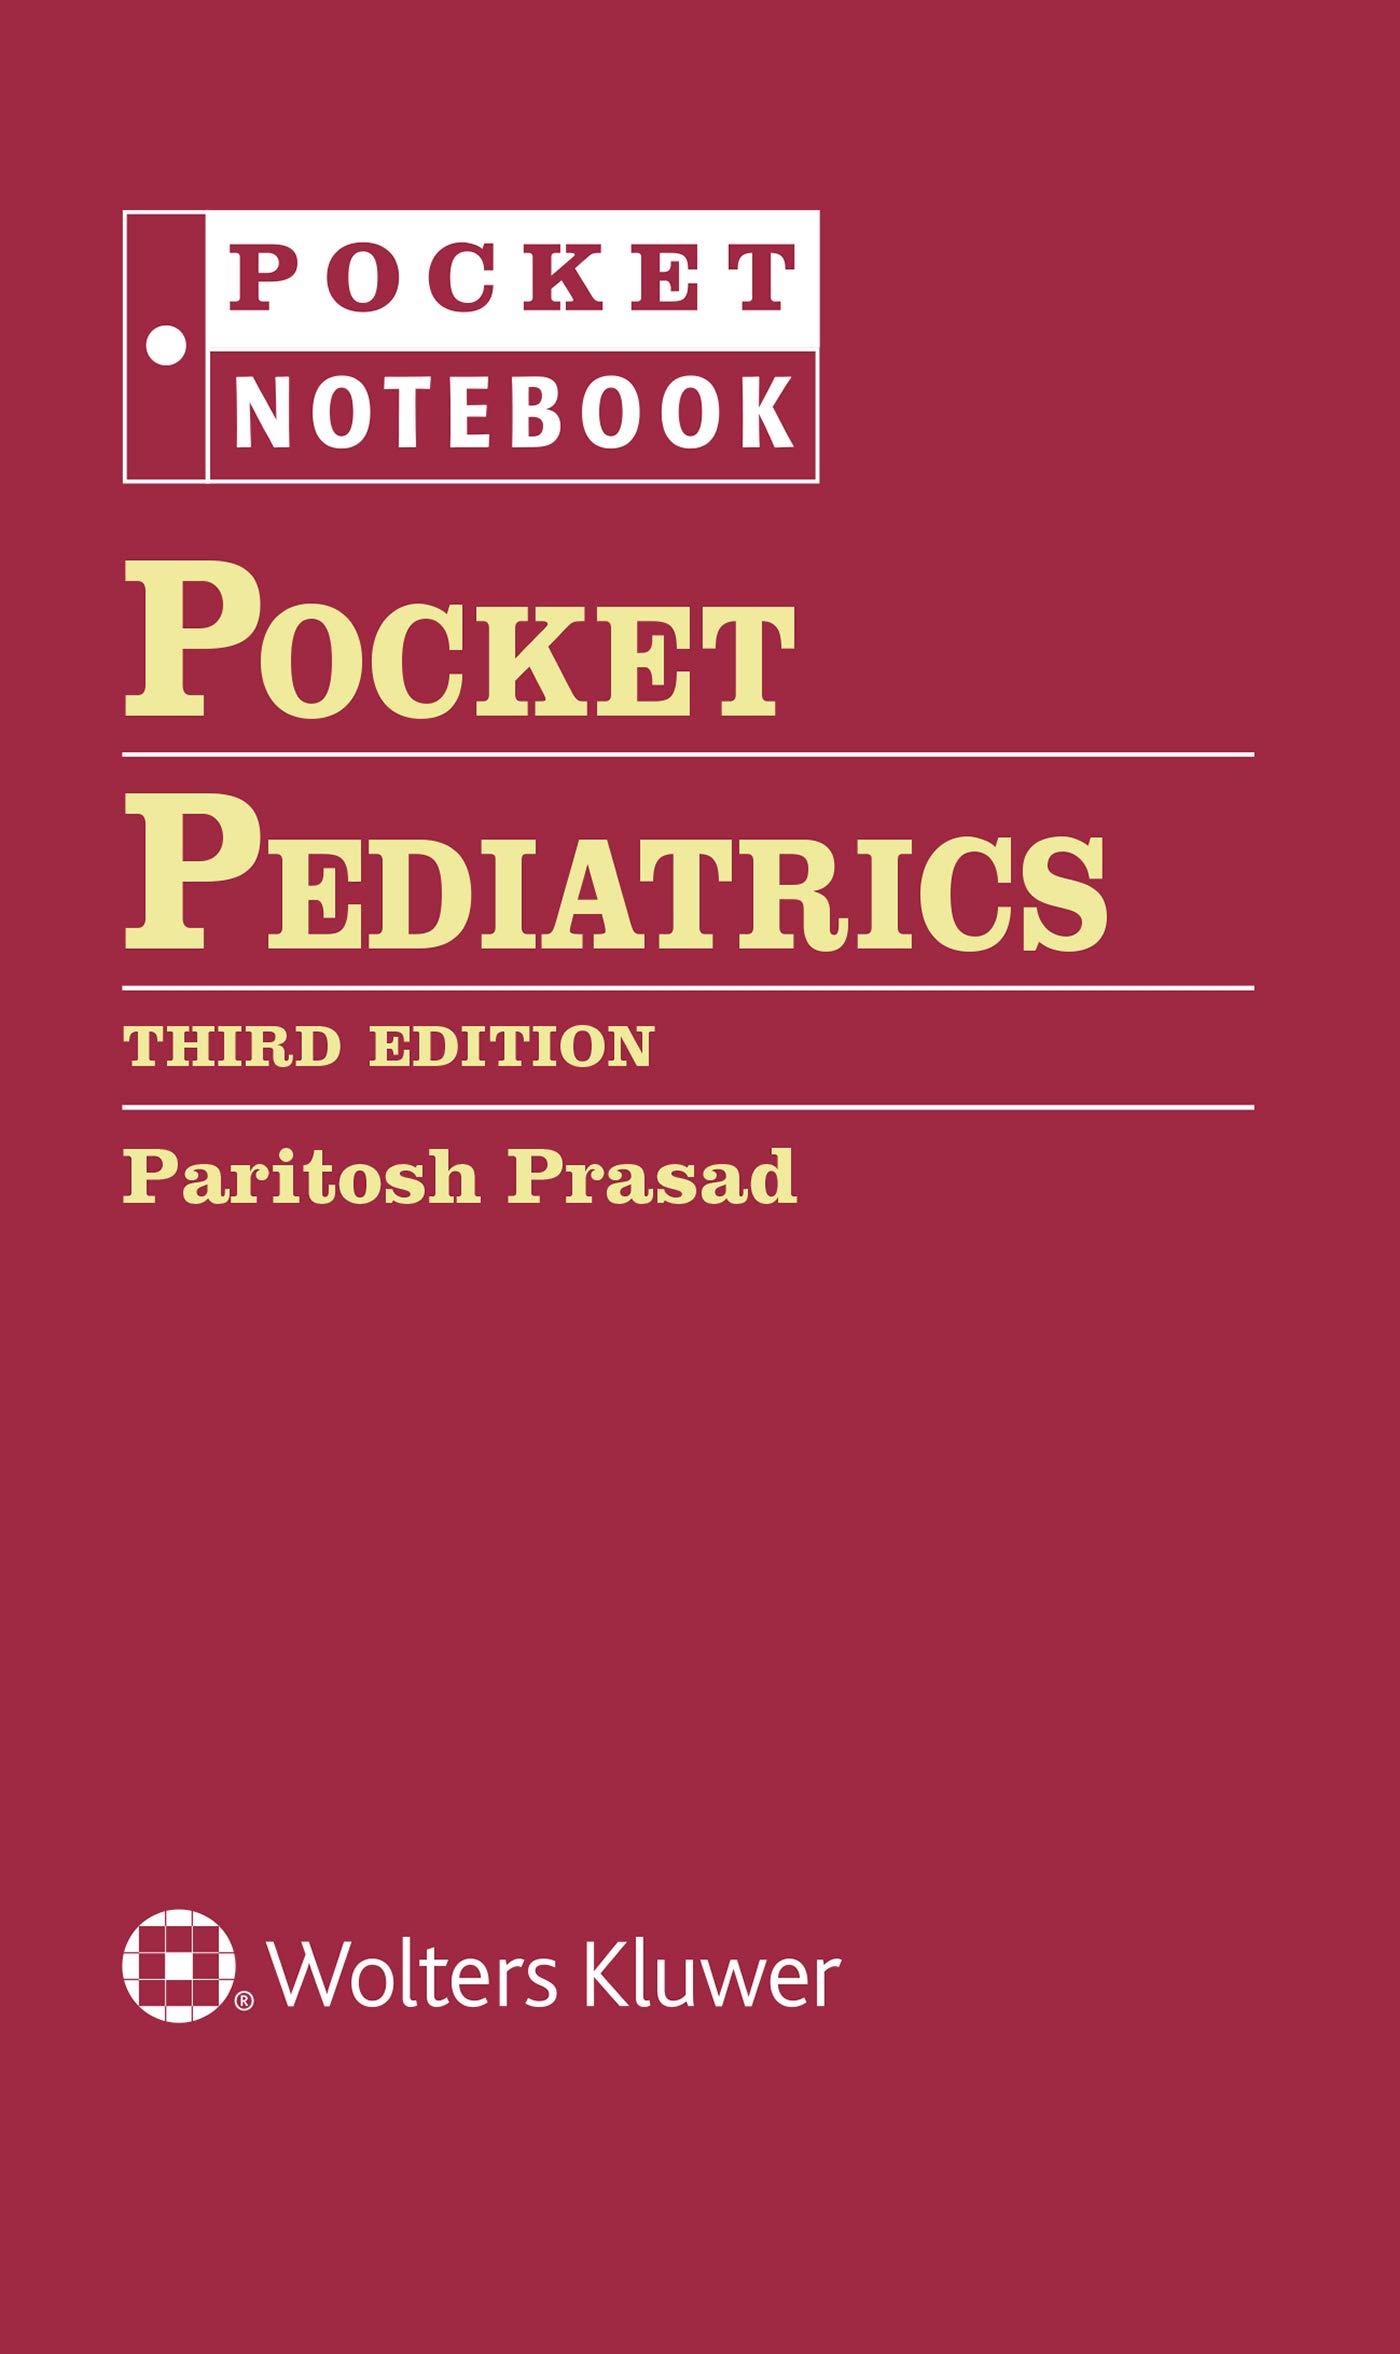 Pocket Pediatrics (Pocket Notebook)